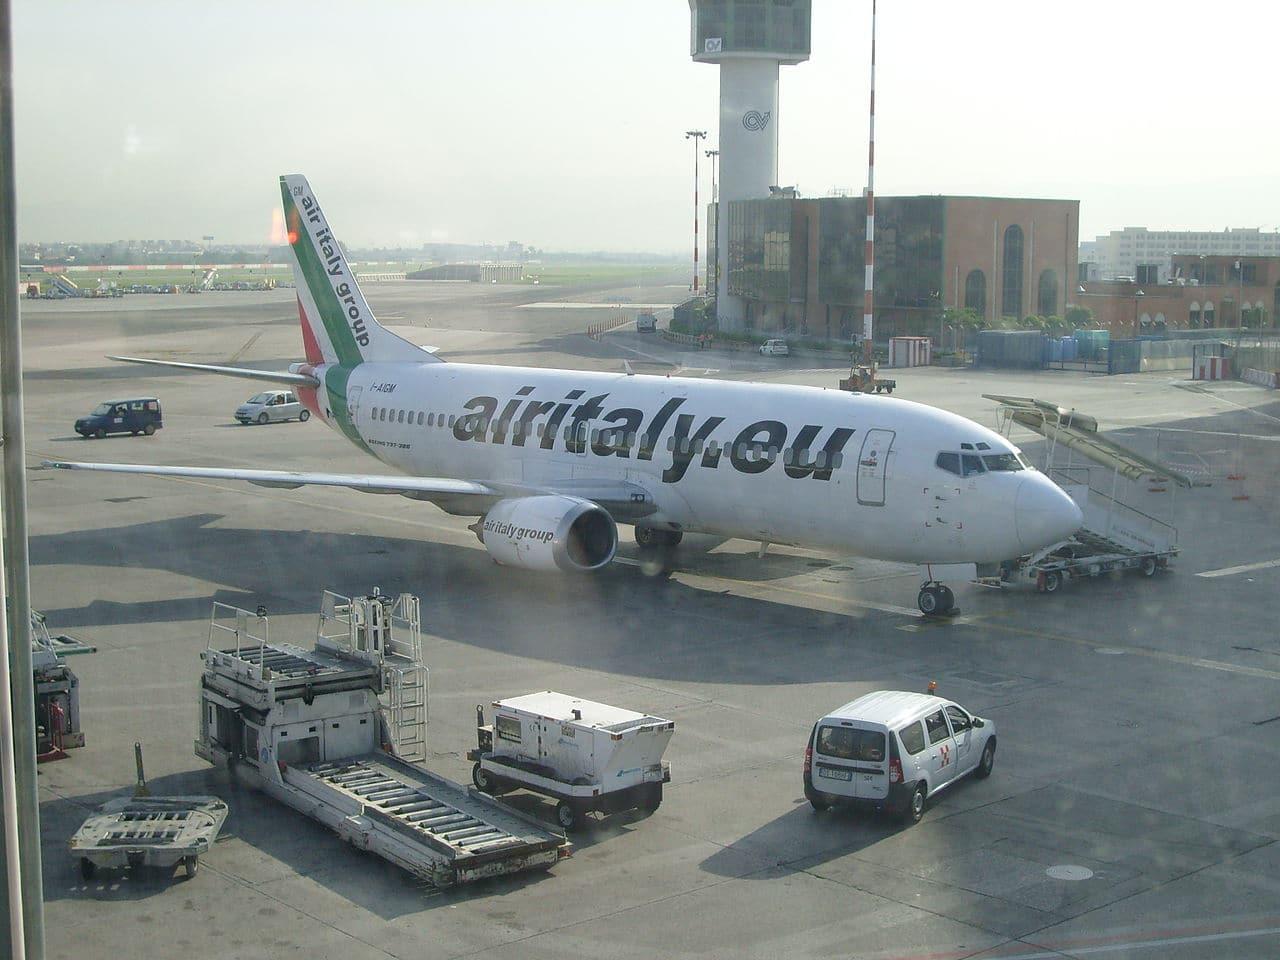 Un avión en un aeropuerto